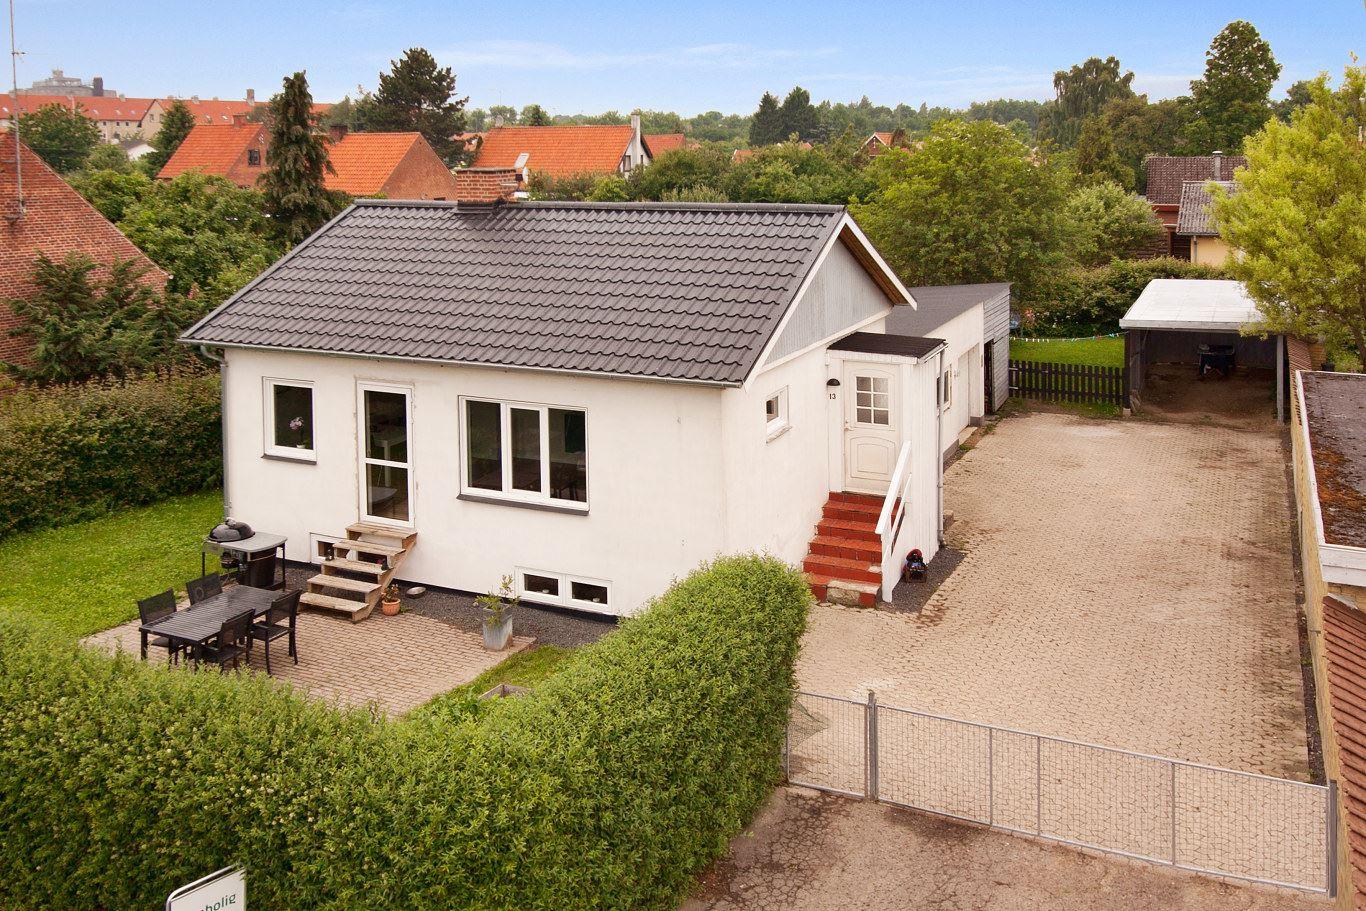 Gammel Vindingevej 13, 4000 Roskilde